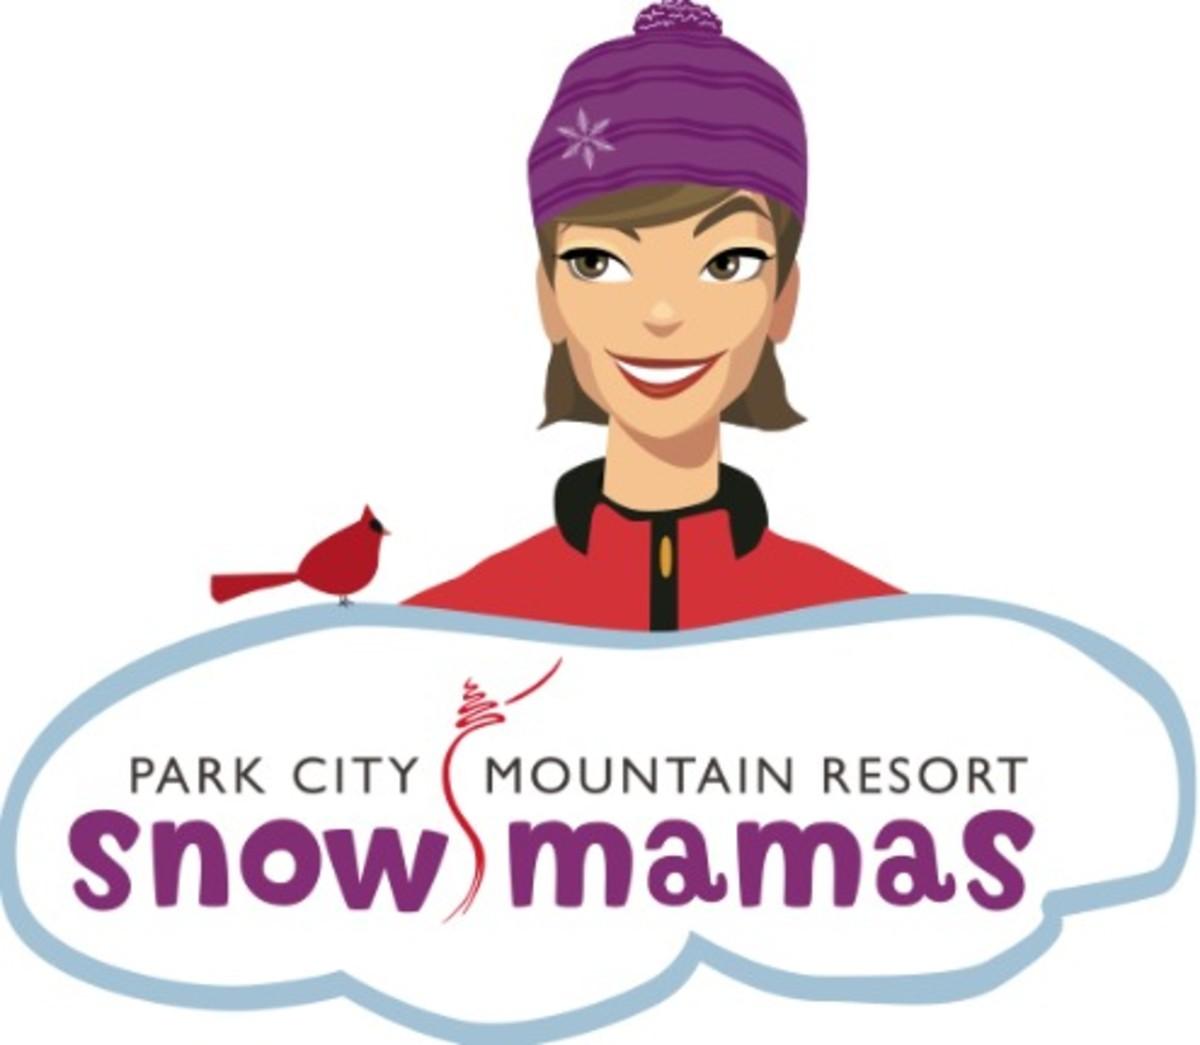 Snowmamas